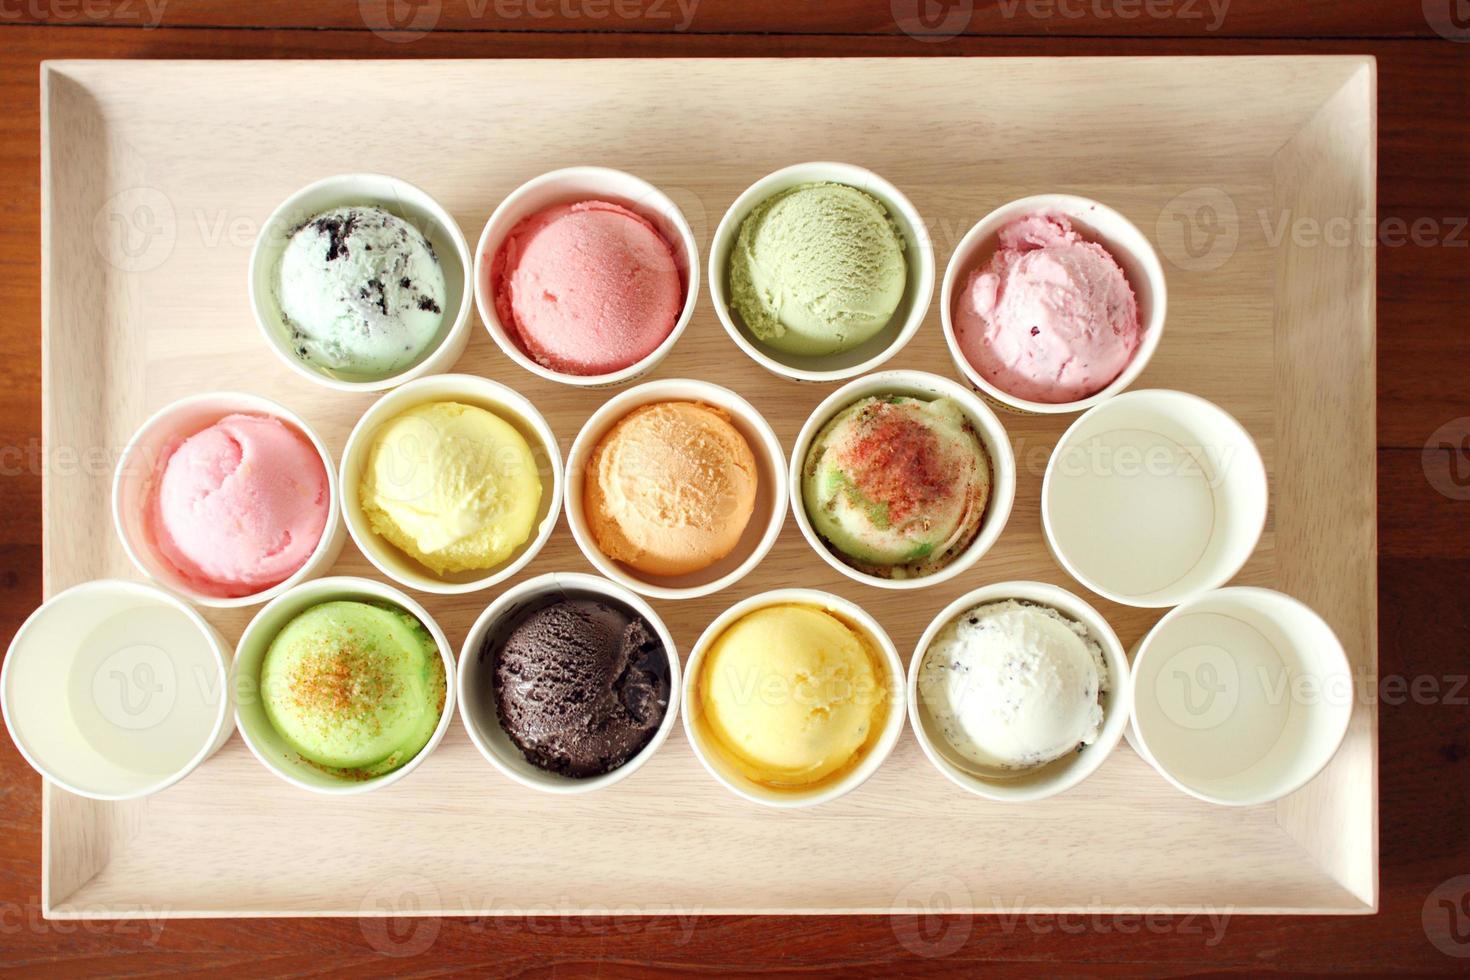 cucharada de helado dulce y colorido en placa de madera foto